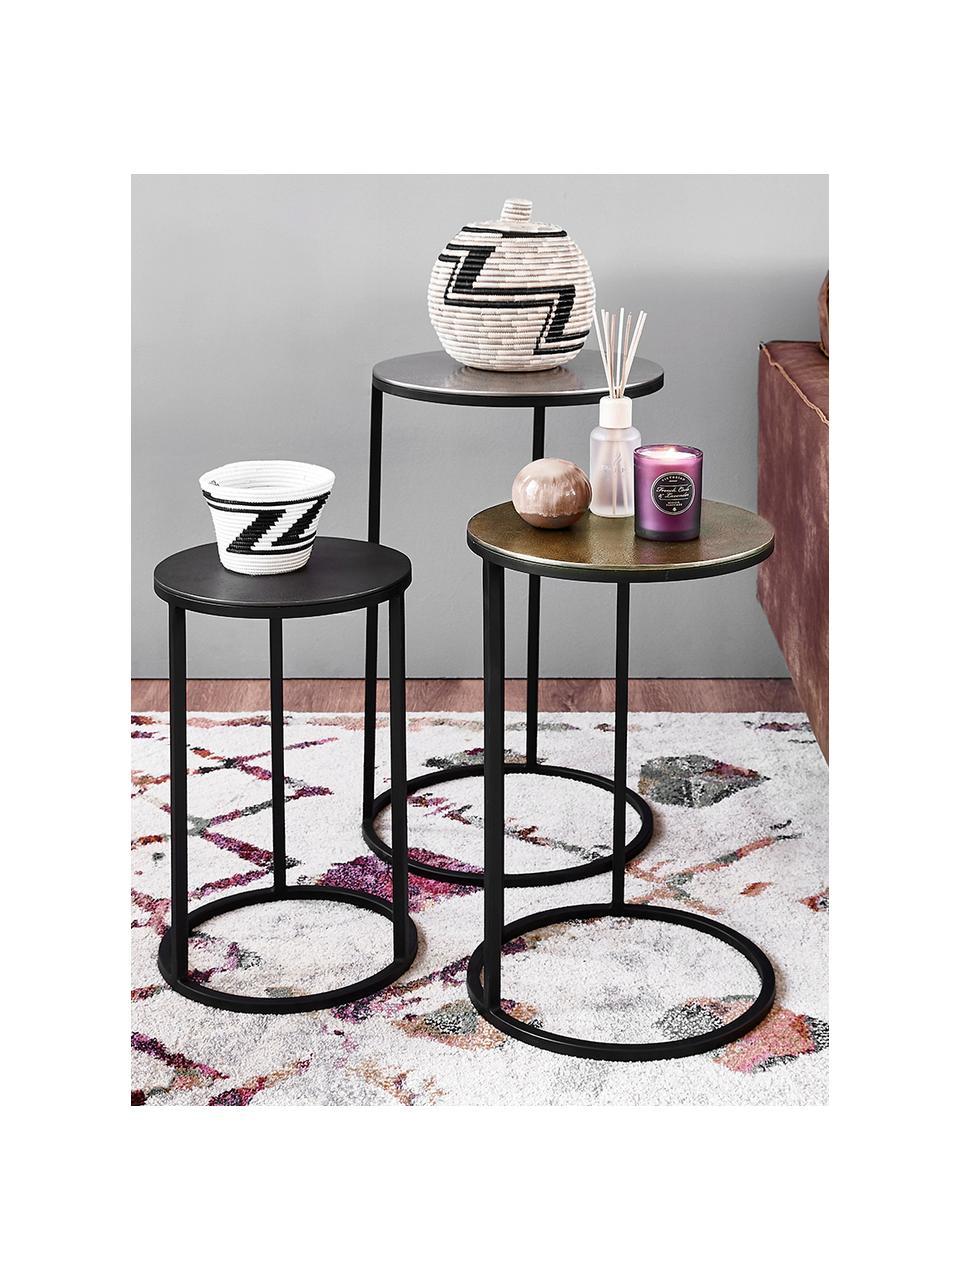 Komplet stolików pomocniczych Calvin, 3 elem., Blat: aluminium powlekane, Stelaż: metal lakierowany, Aluminium, mosiądz, Komplet z różnymi rozmiarami